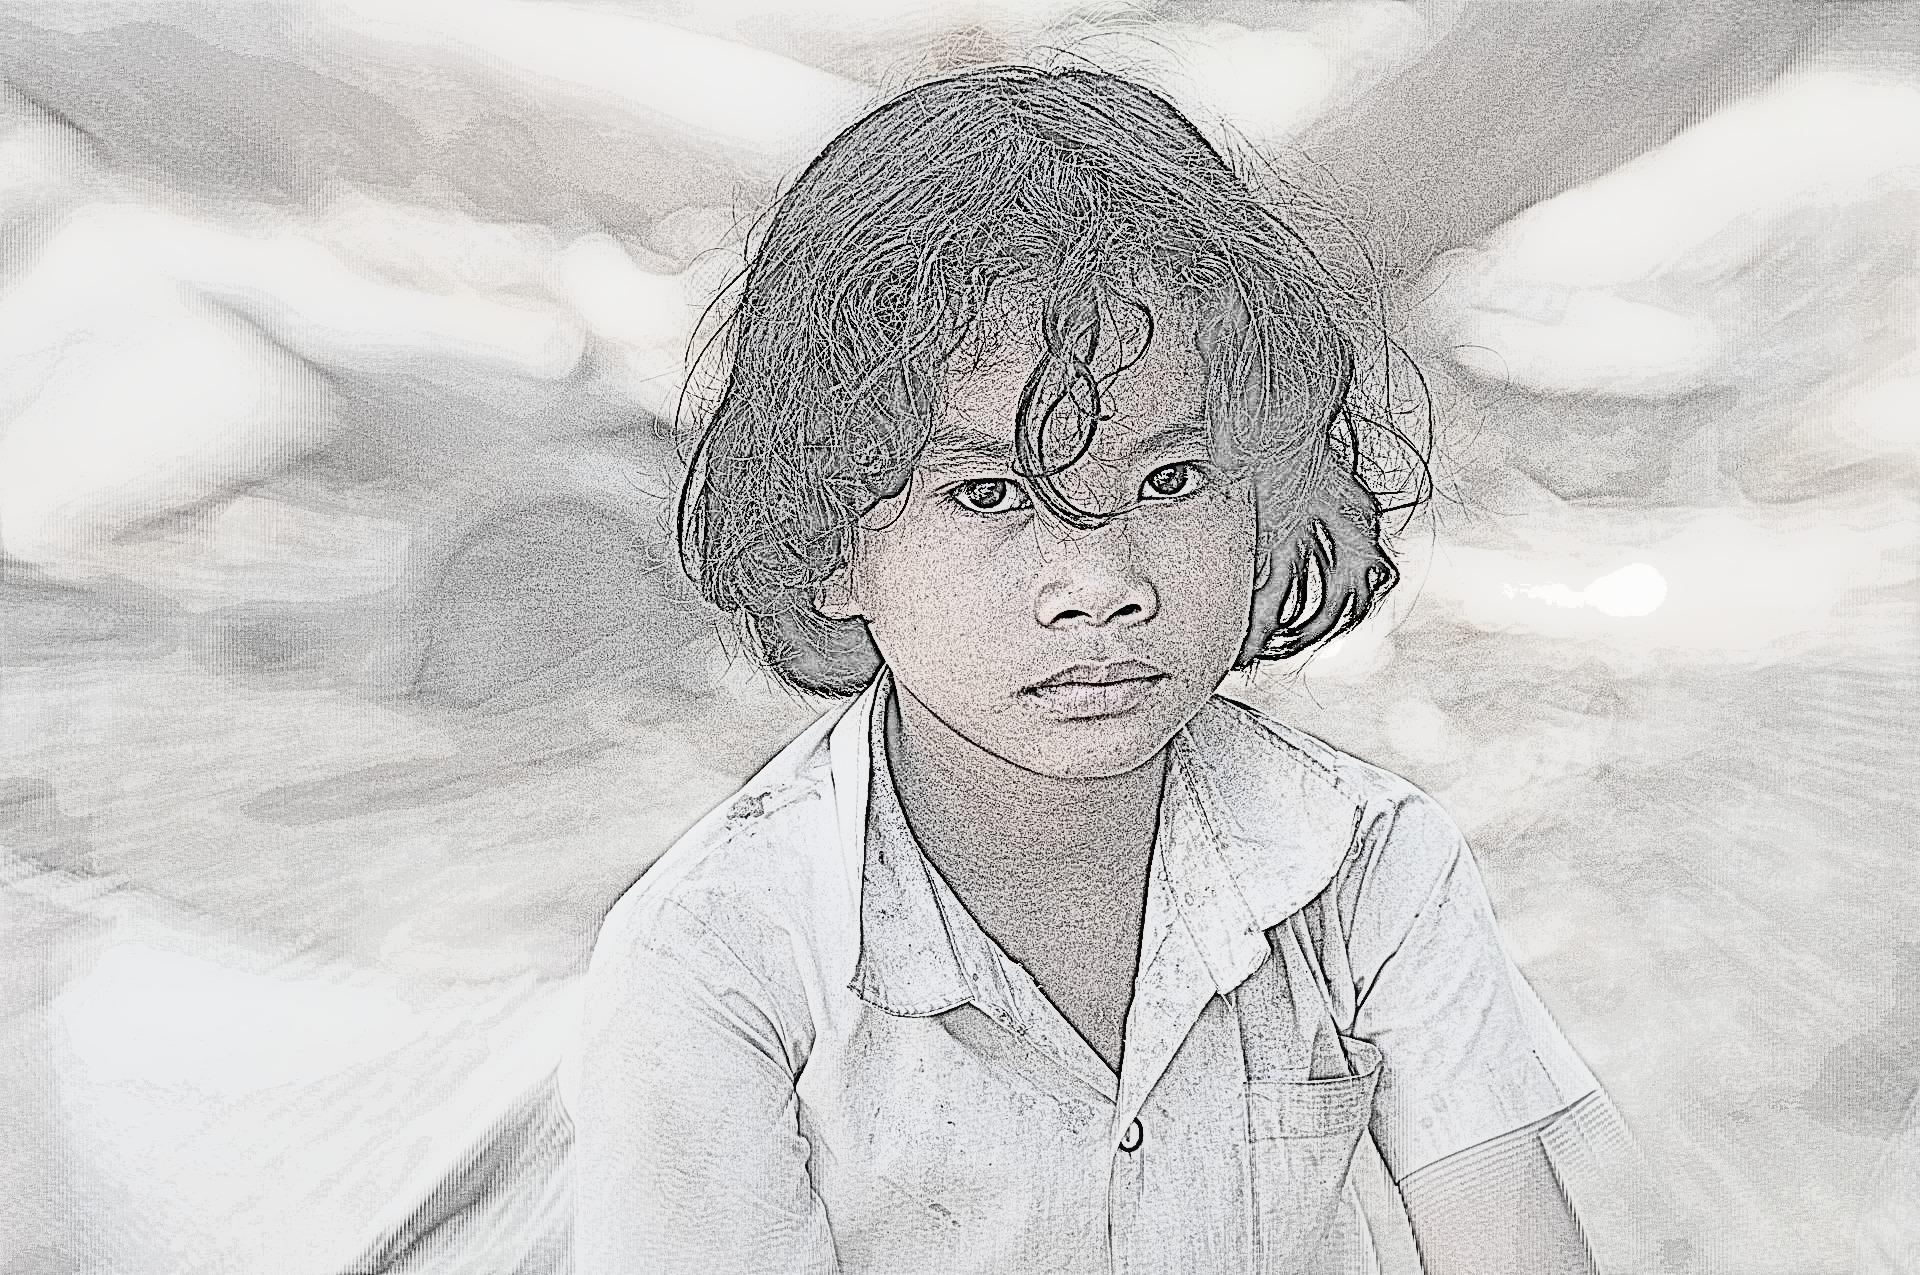 child-649020_1920-112.jpg